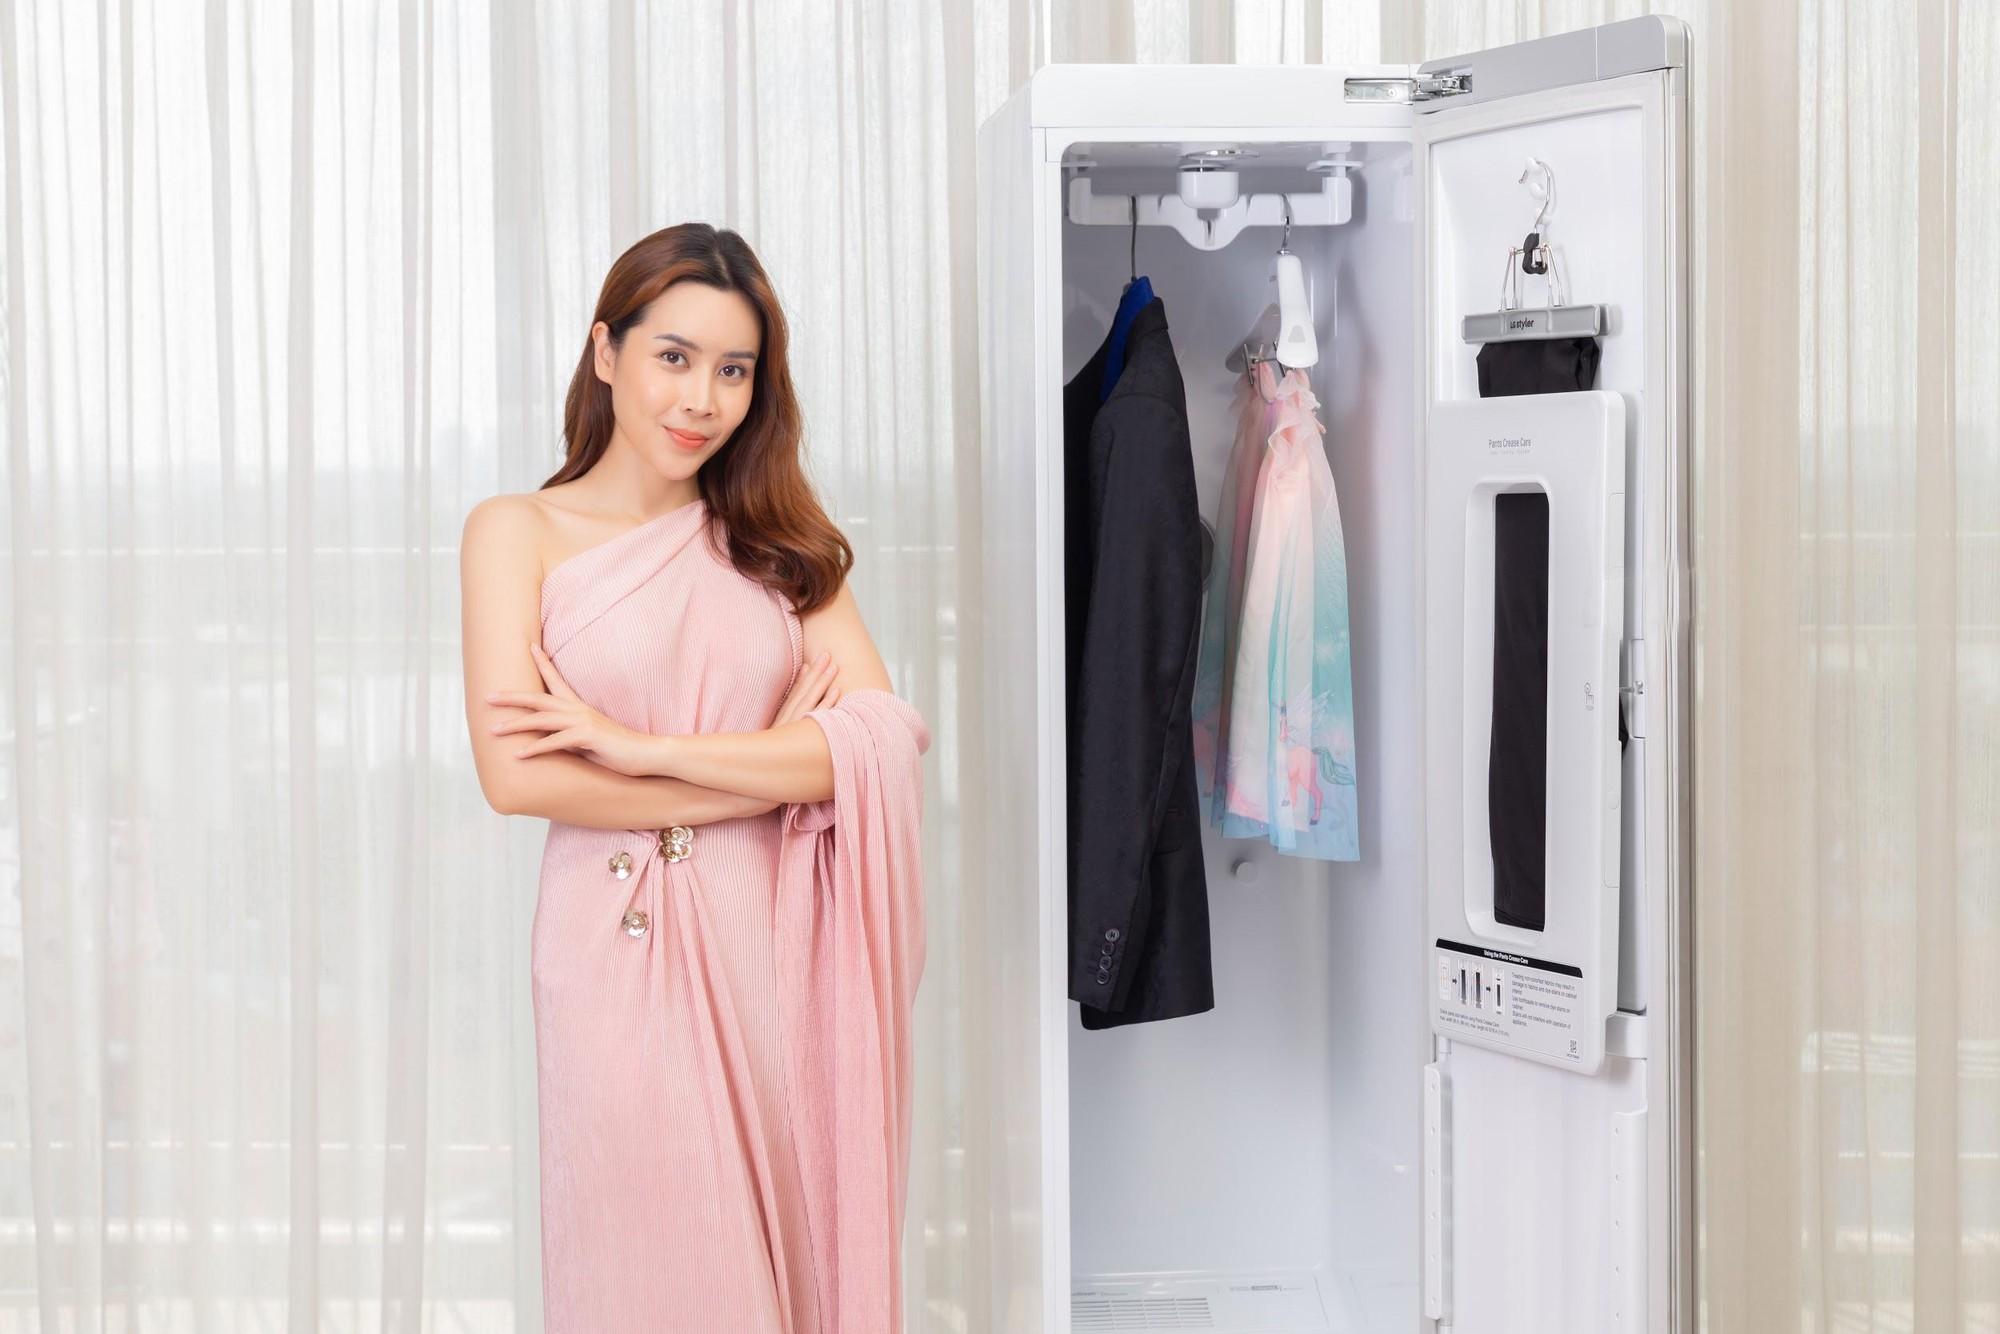 Chiếc tủ thần thánh giúp người nổi tiếng xử đẹp các rắc rối trang phục - Ảnh 3.